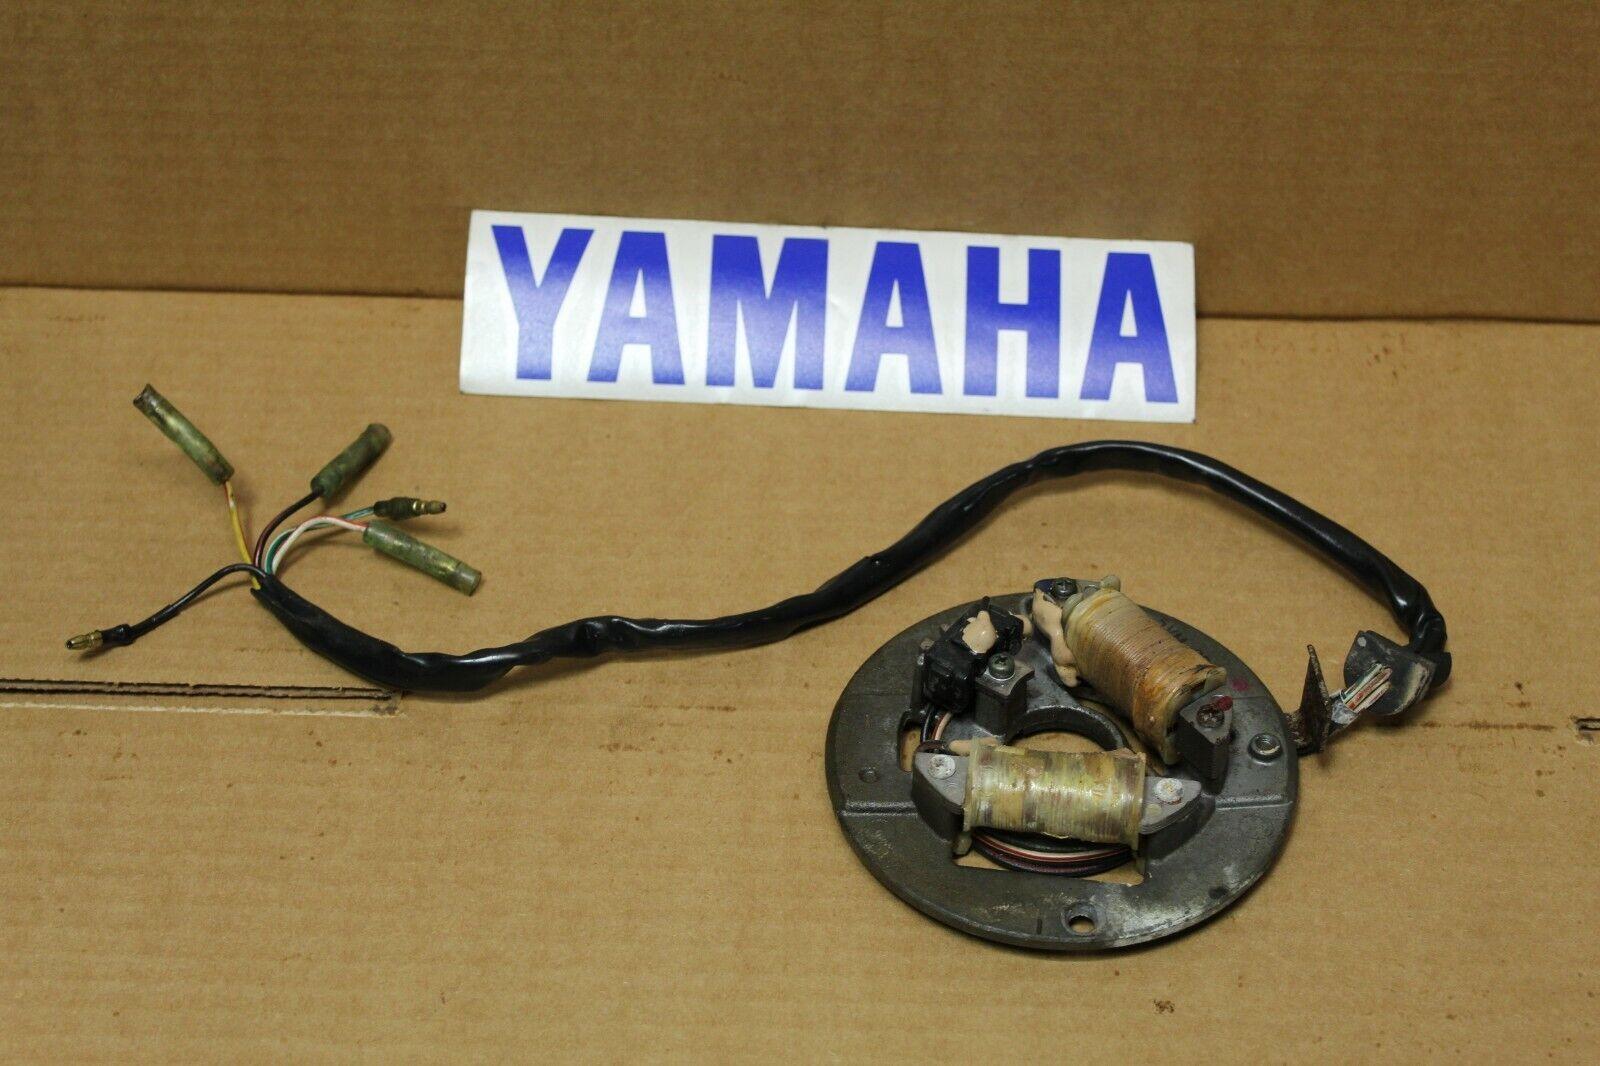 MOTOKU Stator for Yamaha Blaster 200 YFS200 2003-2006